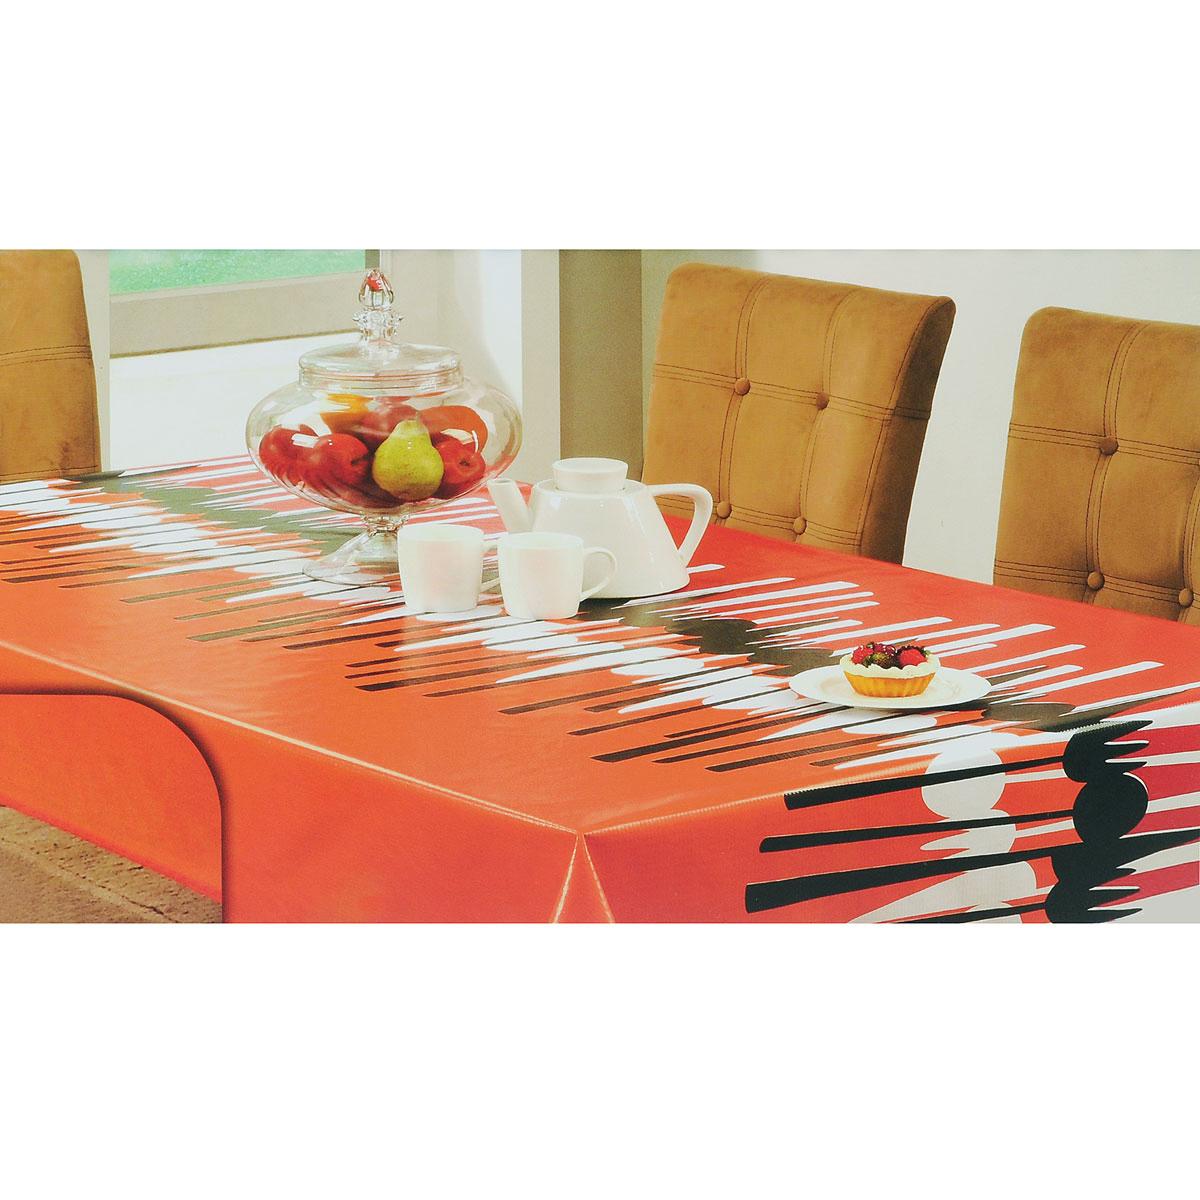 Скатерть White Fox Осень, прямоугольная, цвет: красный, оранжевый, 152x 228 смWКTC72-260Прямоугольная скатерть White Fox Осень, выполненная из ПВХ с основой из флиса, предназначена для защиты стола от царапин, пятен и крошек. Край скатерти обработан тканью. Скатерть оформлена изображением столовых приборов, а рифлёная поверхность скатерти формирует приятные тактильные ощущения, при этом частички пищи удаляются с легкостью и поверхность остается всегда чистой. Скатерть термостойкая выдерживает температуру до +70 °C.Скатерть White Fox проста в уходе - её можно протирать любыми моющими средствами при необходимости.Скатерть упакована в виниловый пакет с внутренним цветным вкладышем и подвесом в виде крючка.